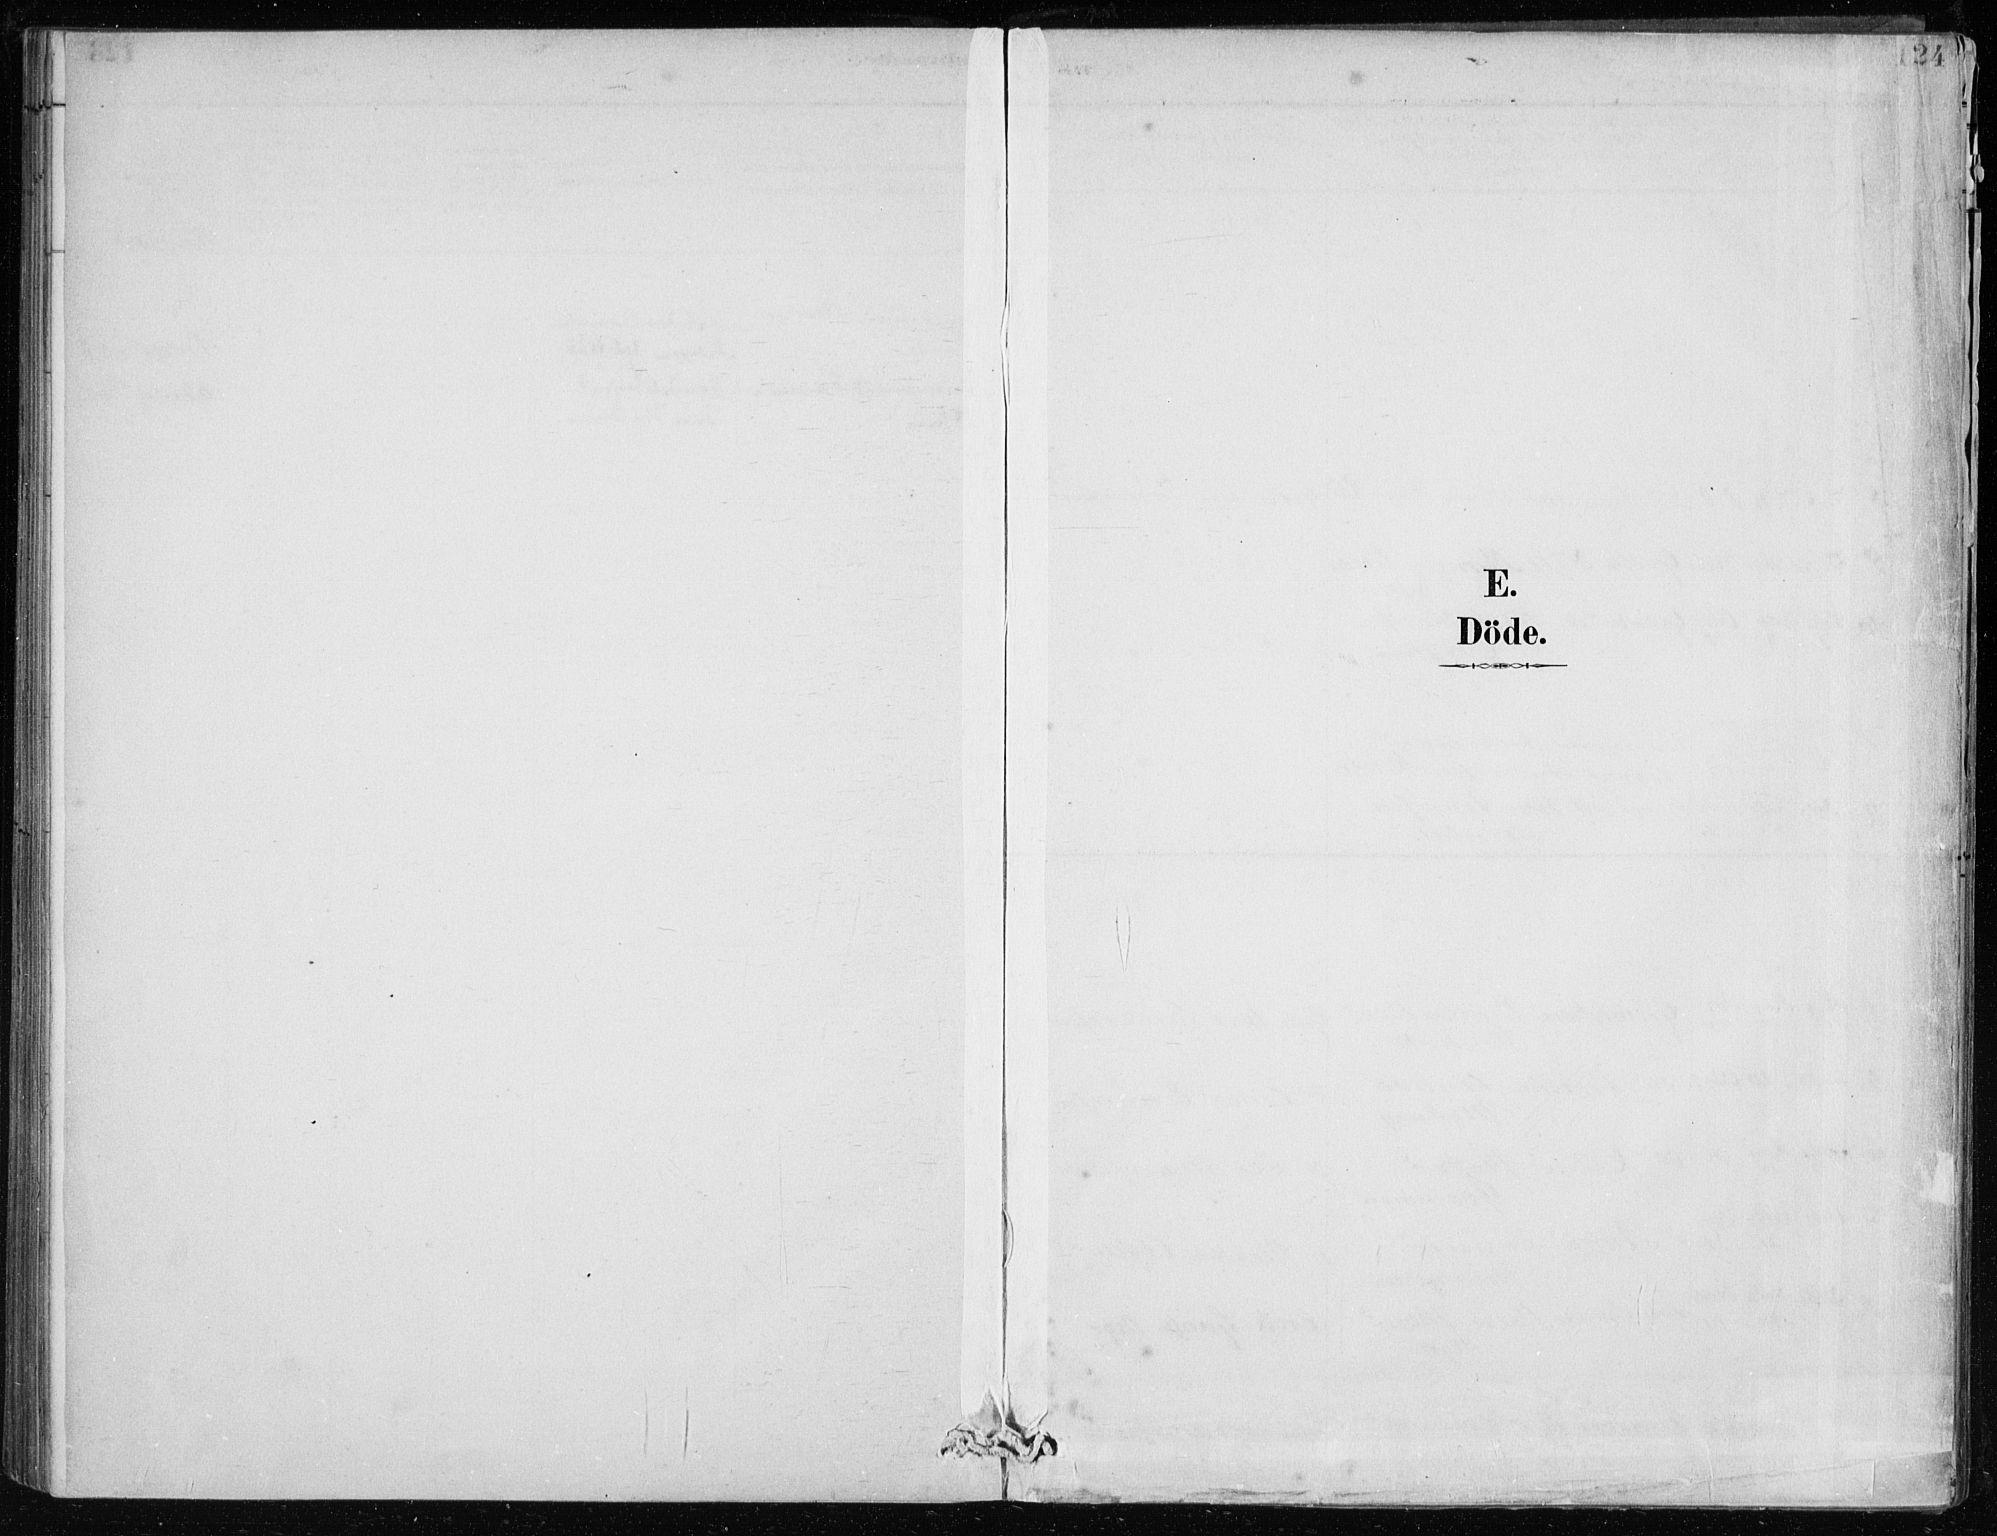 SAB, Lindås Sokneprestembete, H/Haa: Ministerialbok nr. F  1, 1886-1897, s. 124